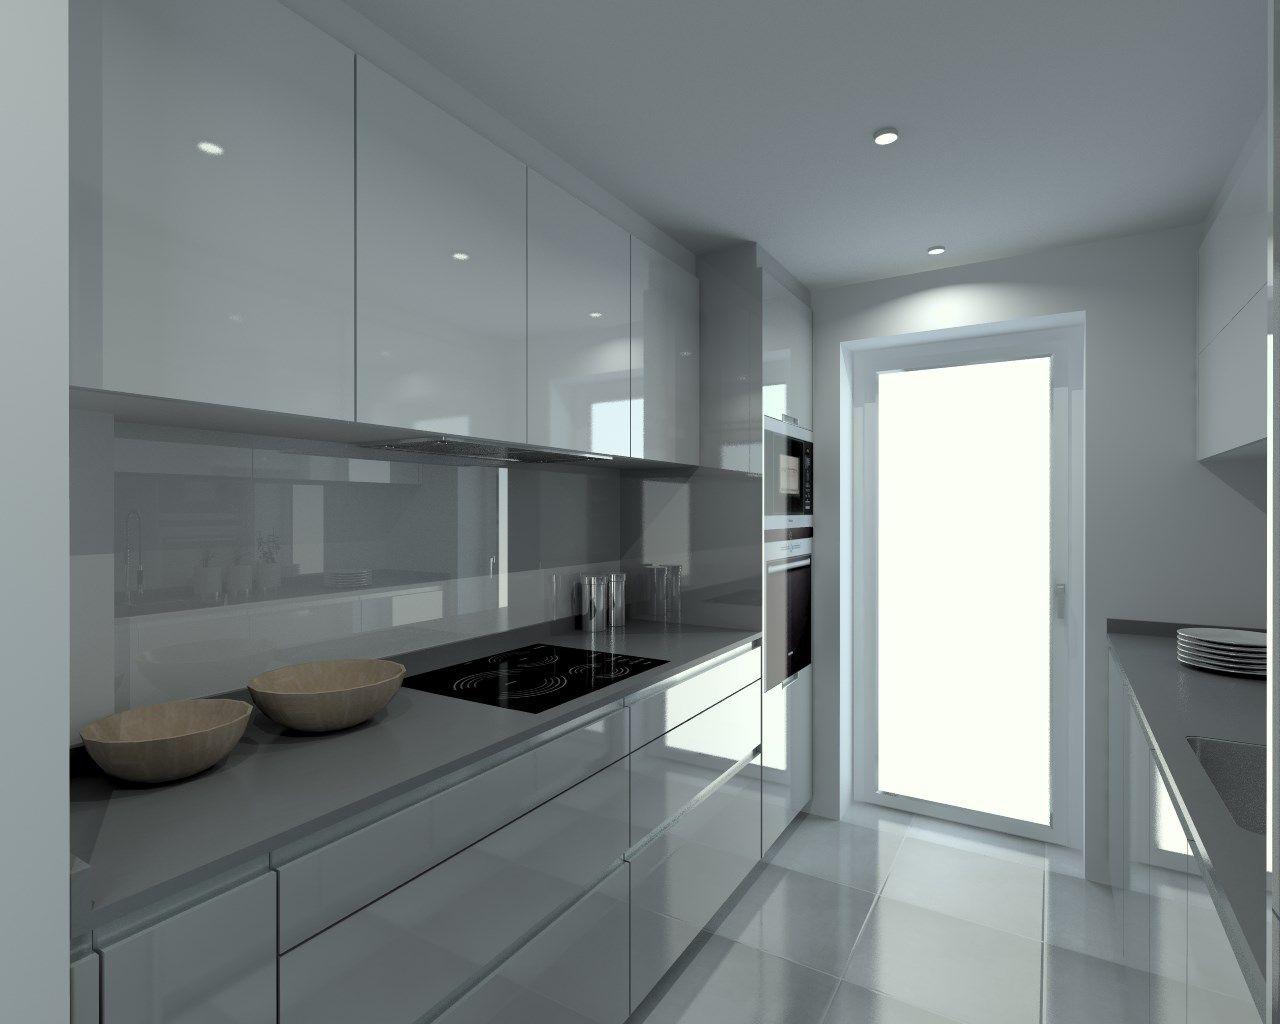 Cocina santos modelo line laminado brillo gris piedra - Cocinas blancas brillo ...